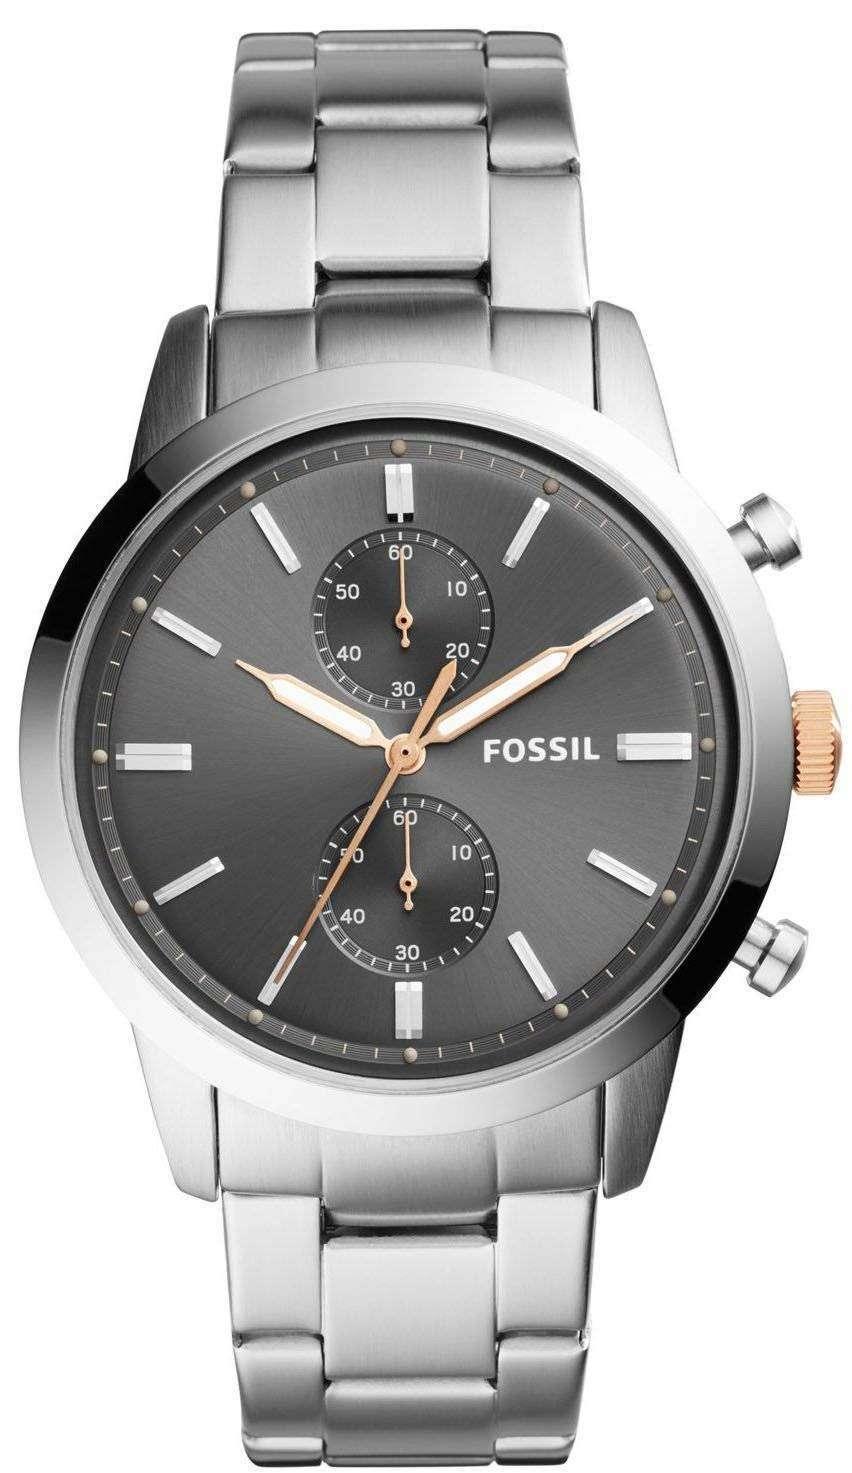 化石町民クロノグラフ クォーツ FS5407 メンズ腕時計